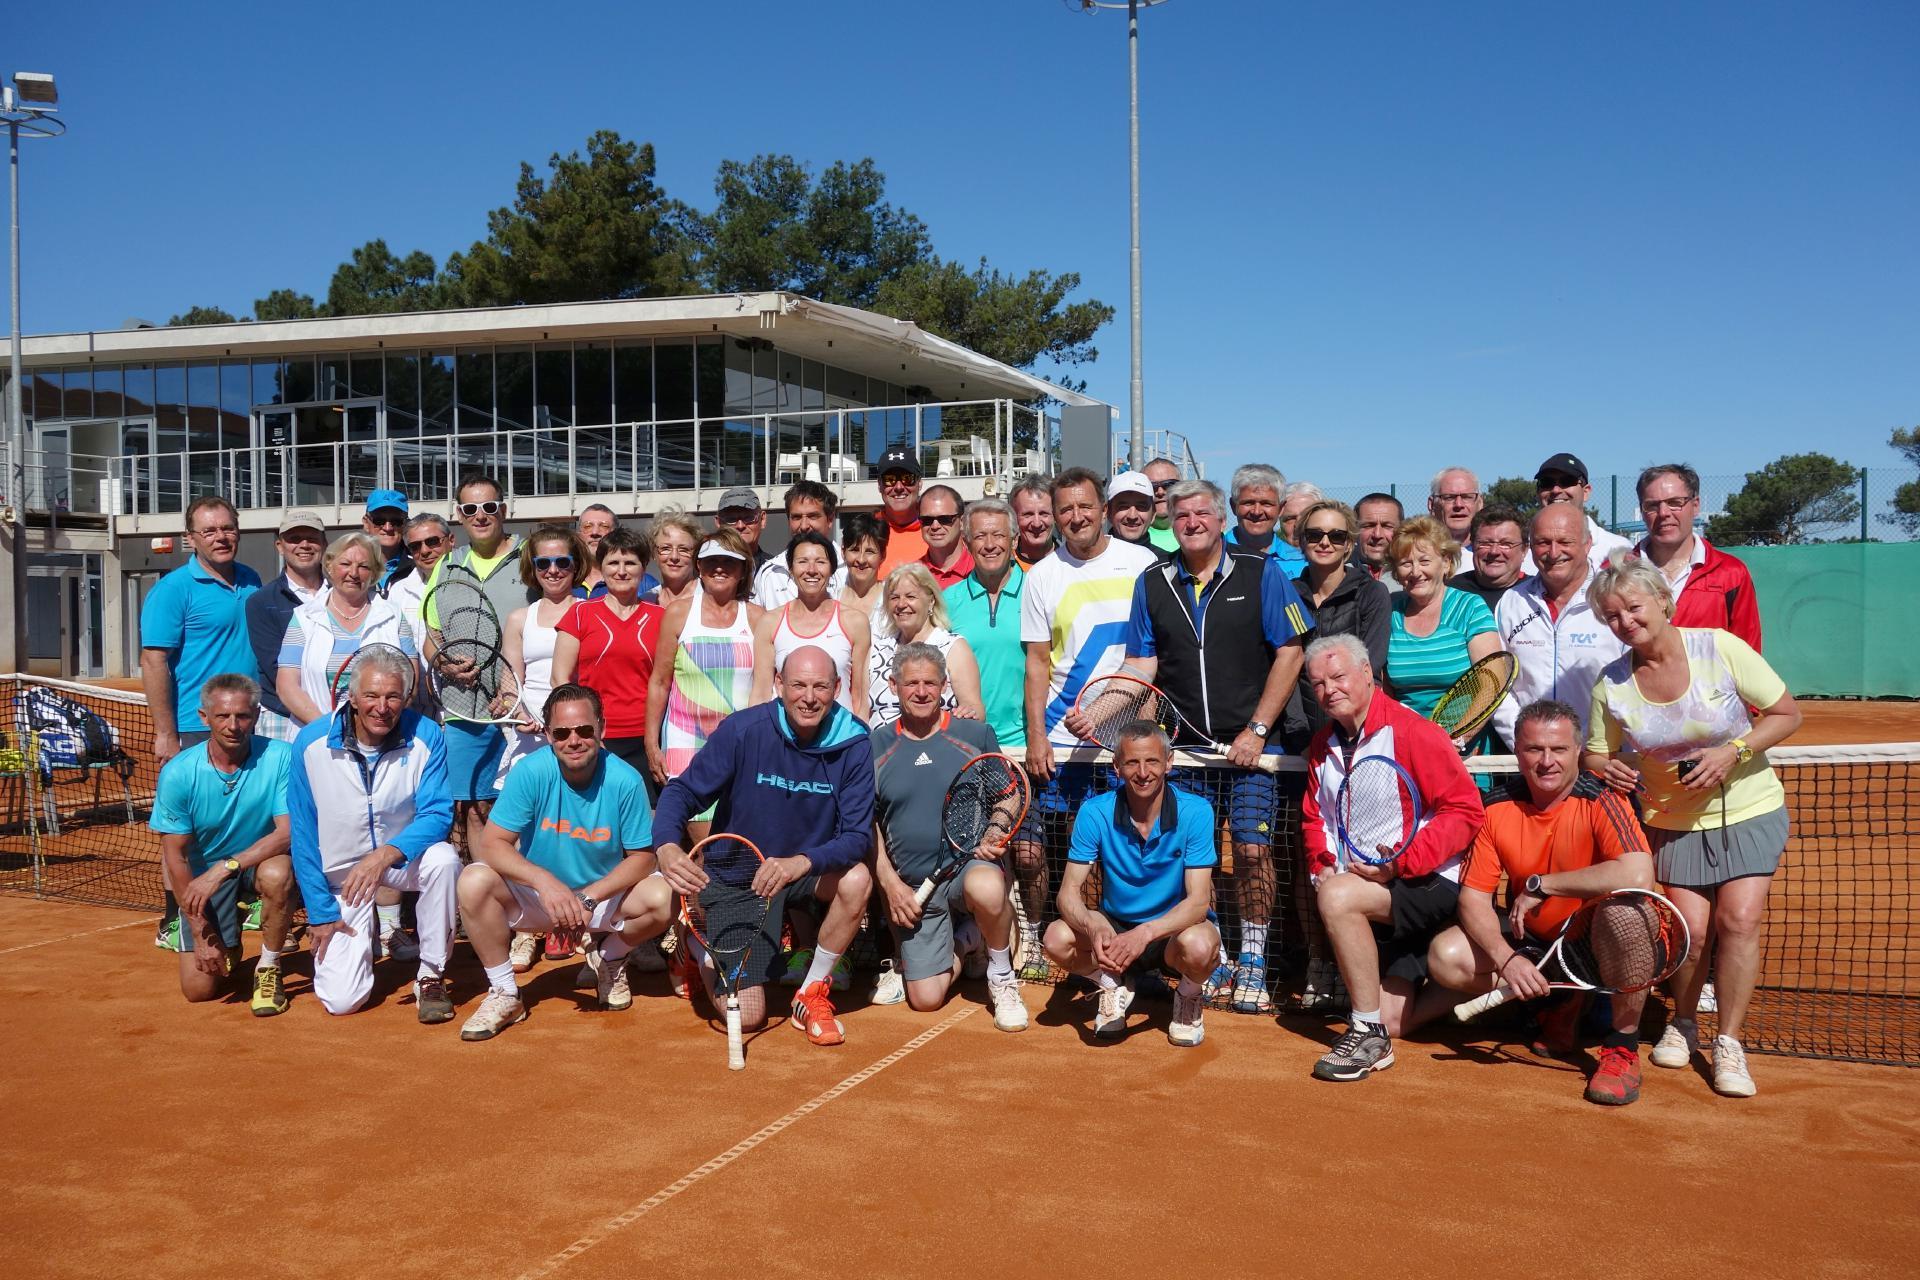 Sportreisen Hannes Zischka, Istrien, Dalmatien, Urlaub, Tennis, Slowenien, Kroatien